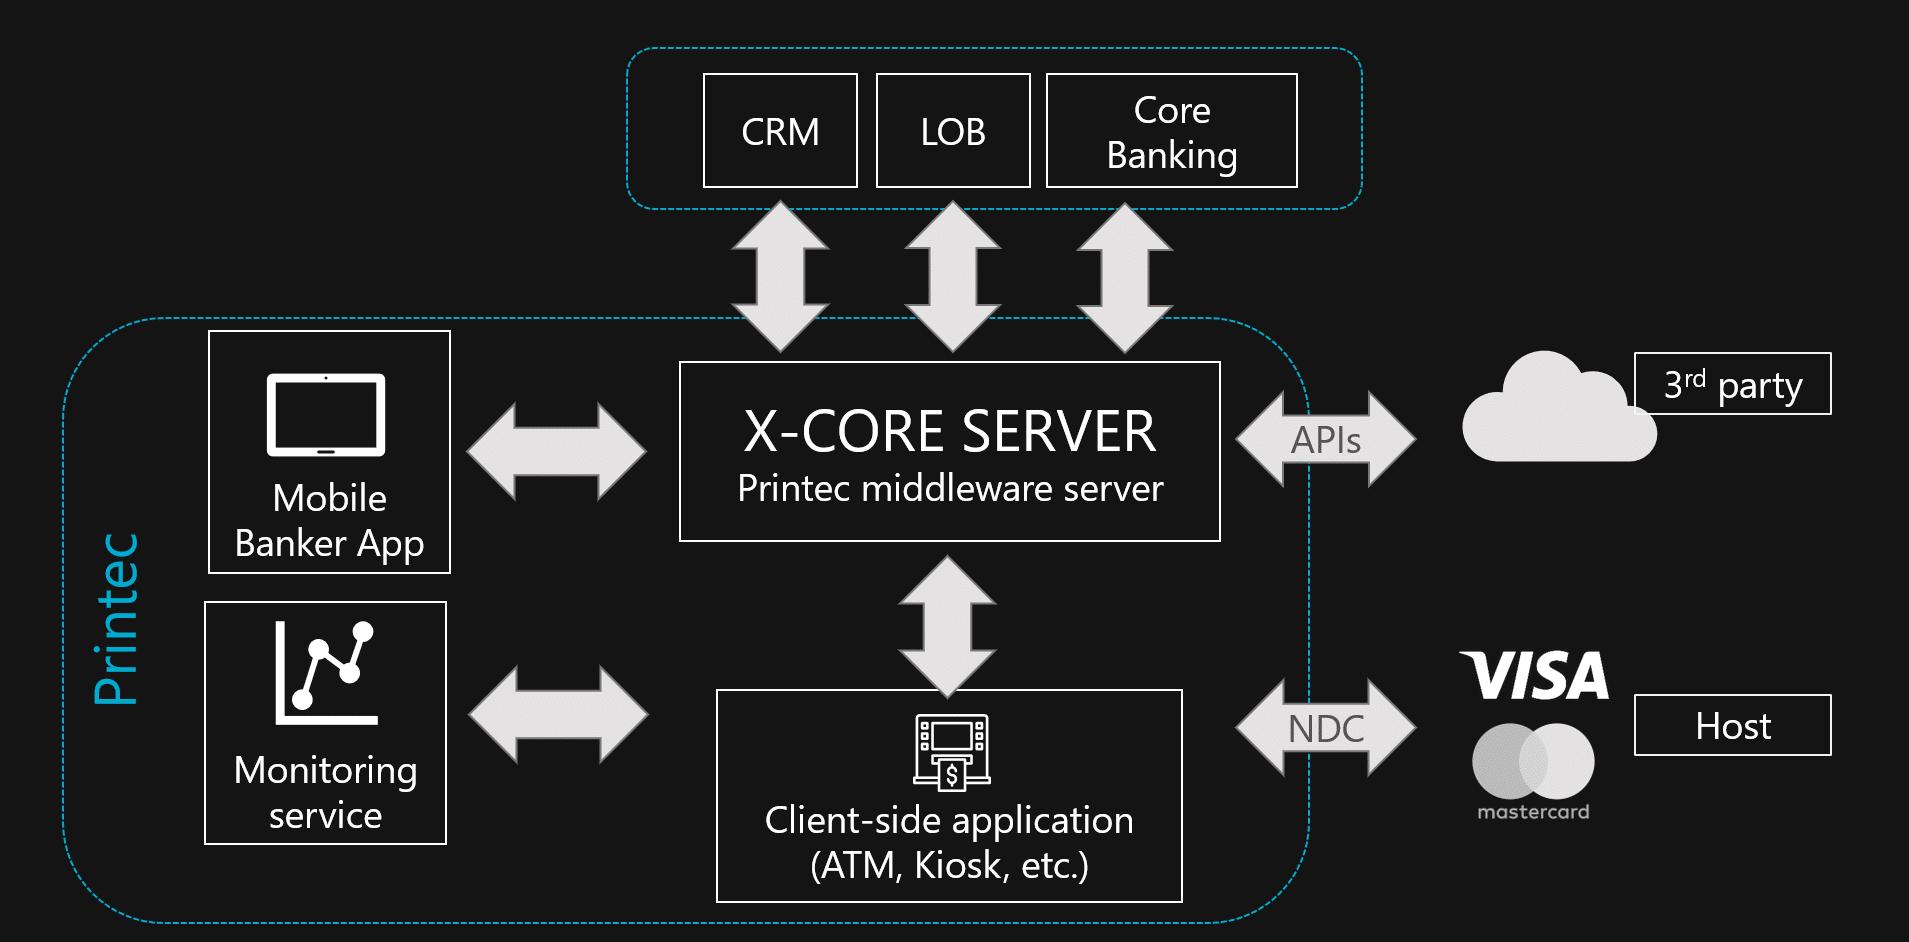 x-core solution architecture